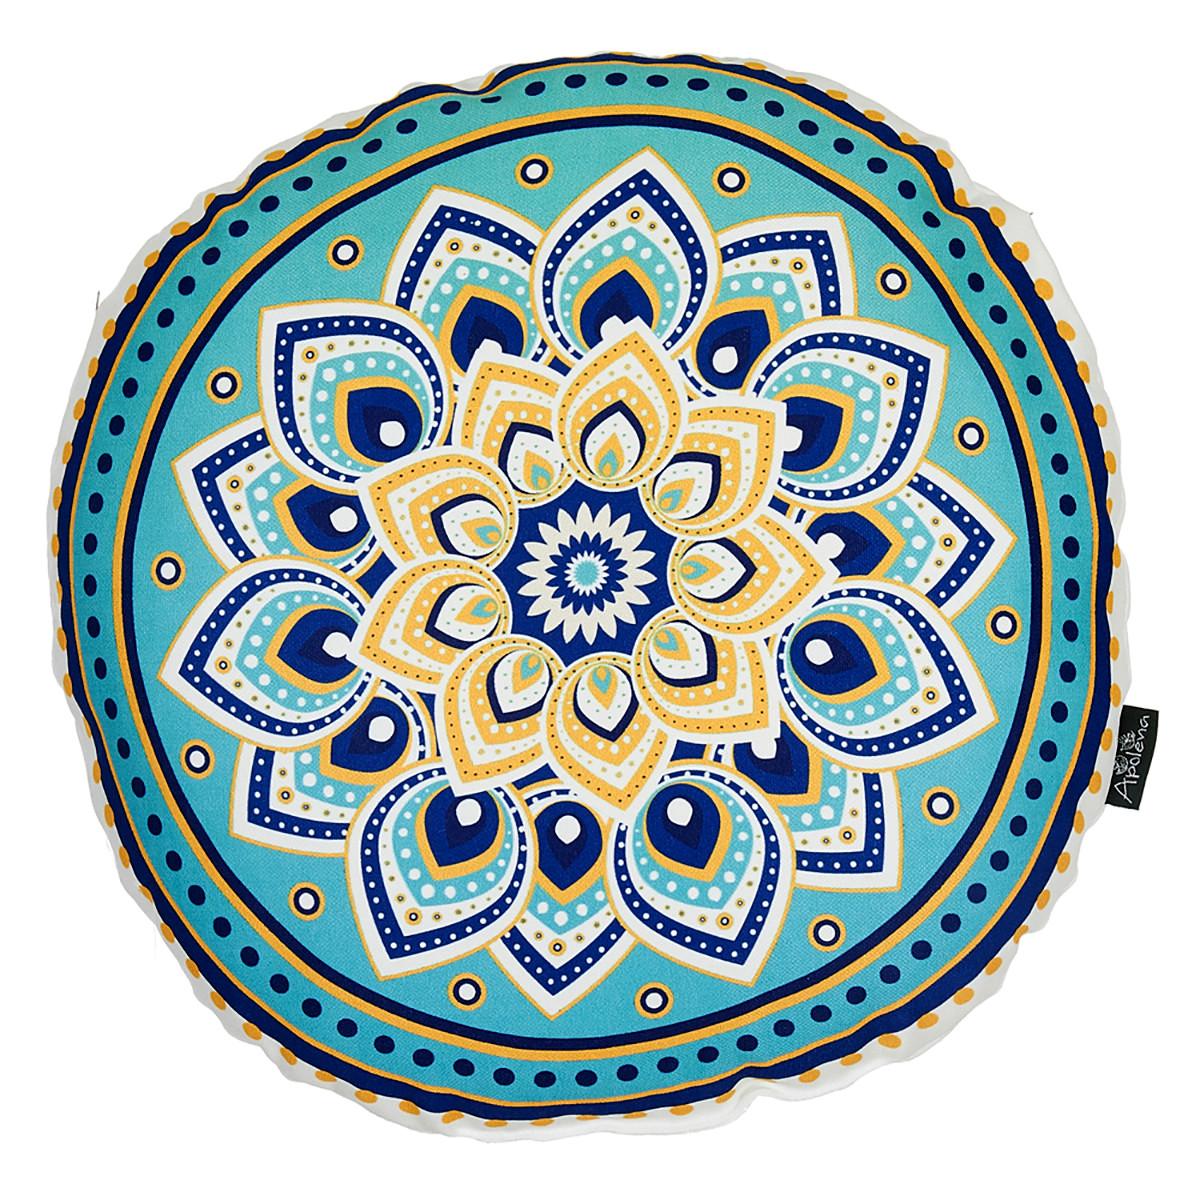 Στρογγυλό Διακοσμητικό Μαξιλάρι (Φ35) Apolena 730-4811/1